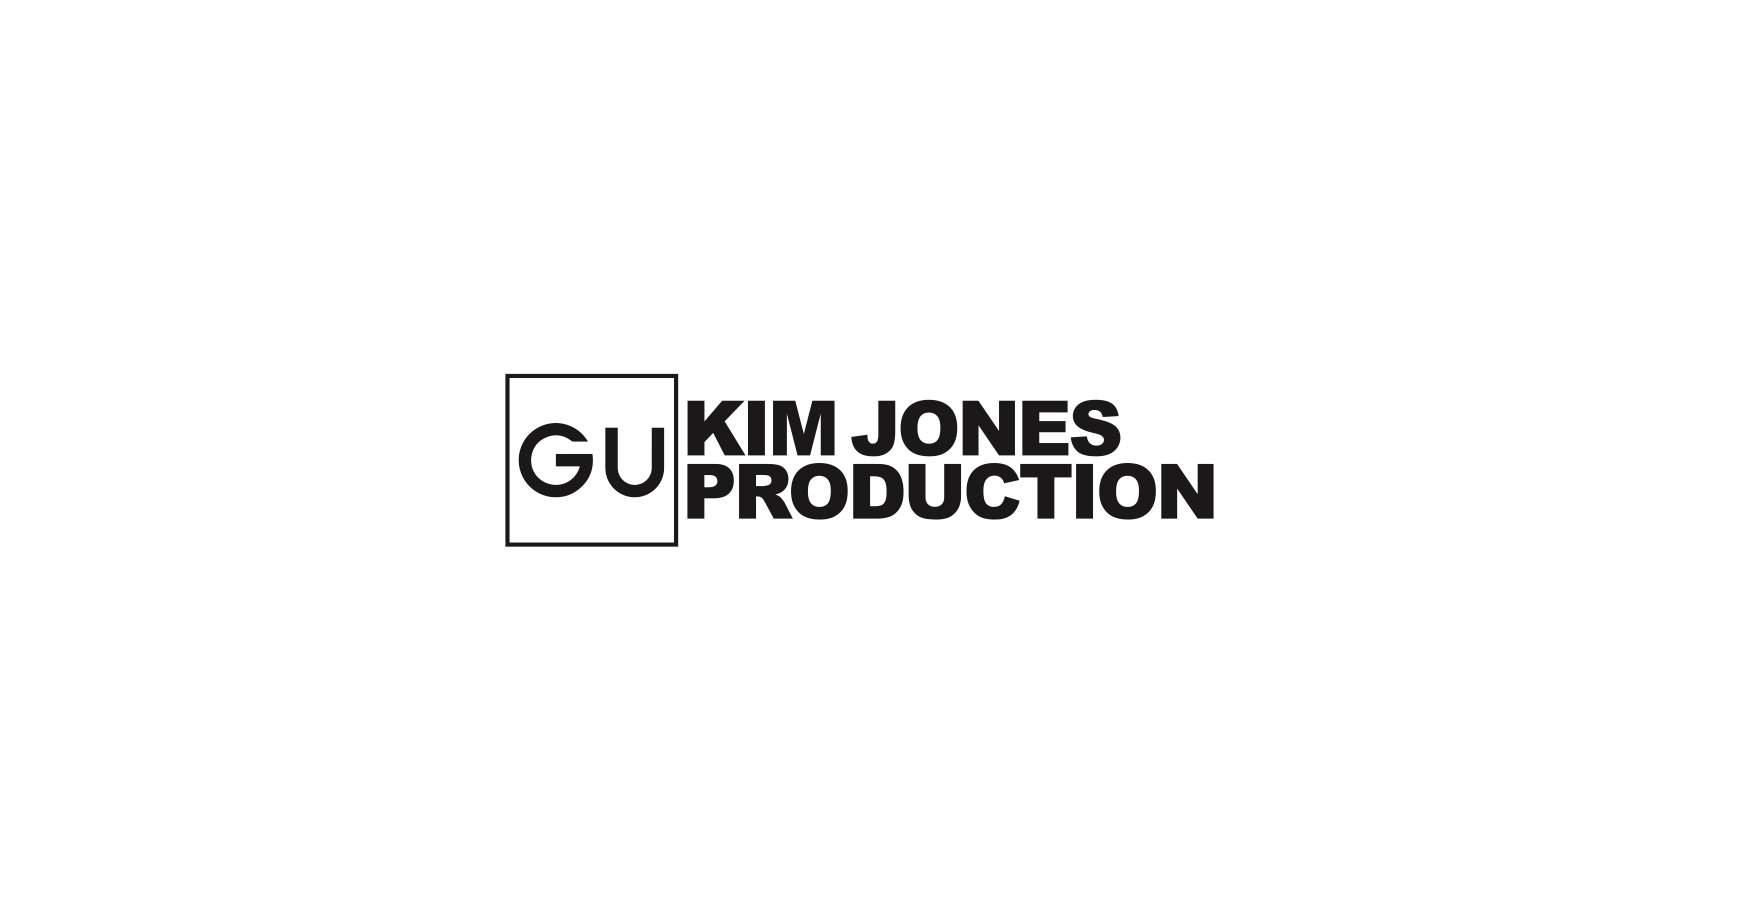 超平價版 LV ?! Kim Jones 與平價品牌 GU 推出 KIM JONES GU PRODUCTION 聯名系列!